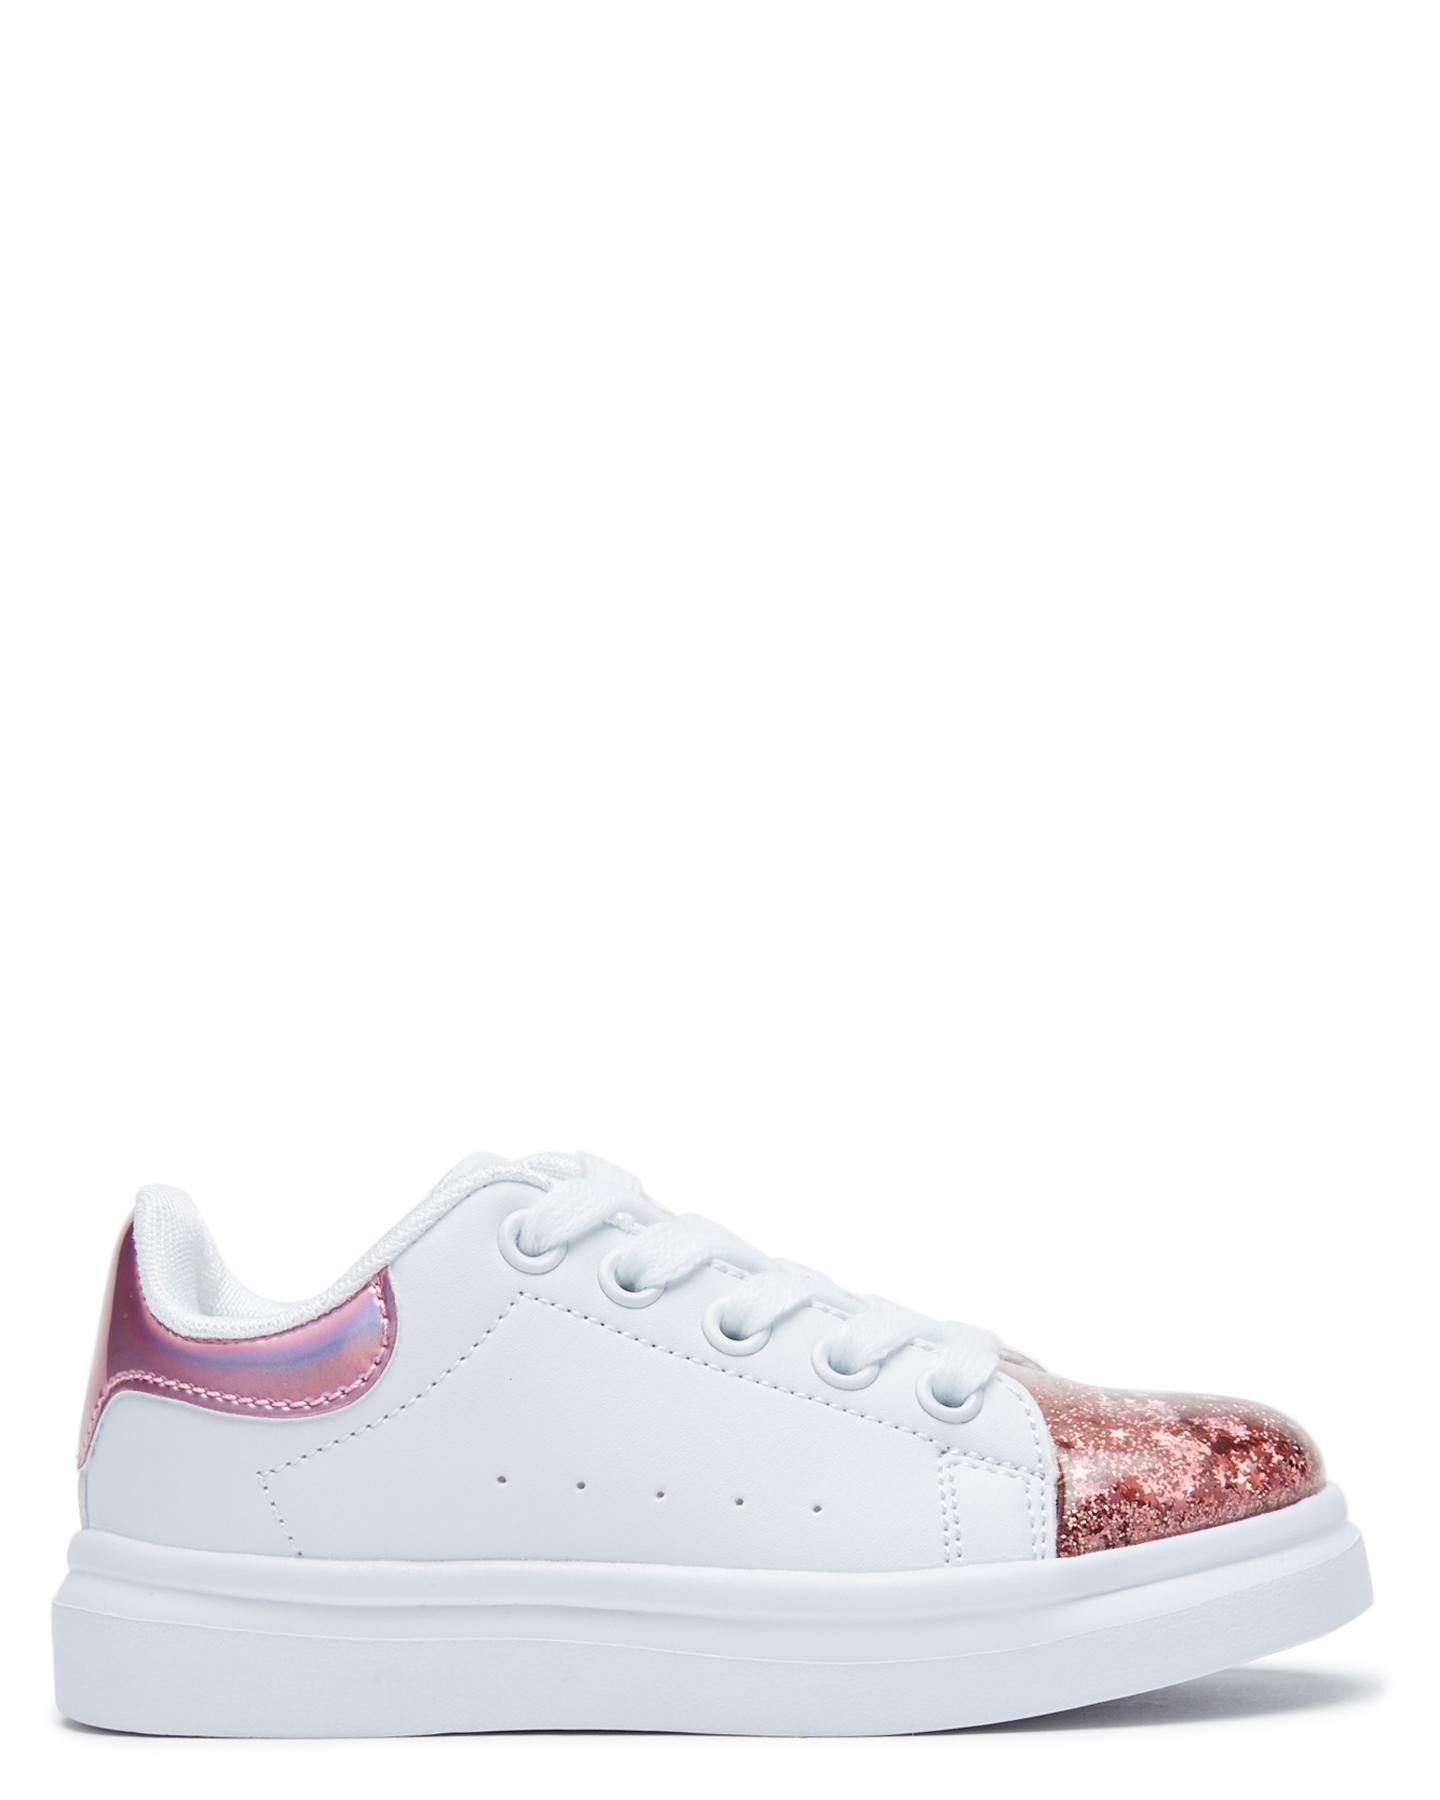 Clarks Girls Queenie Shoe - Youth White Pink